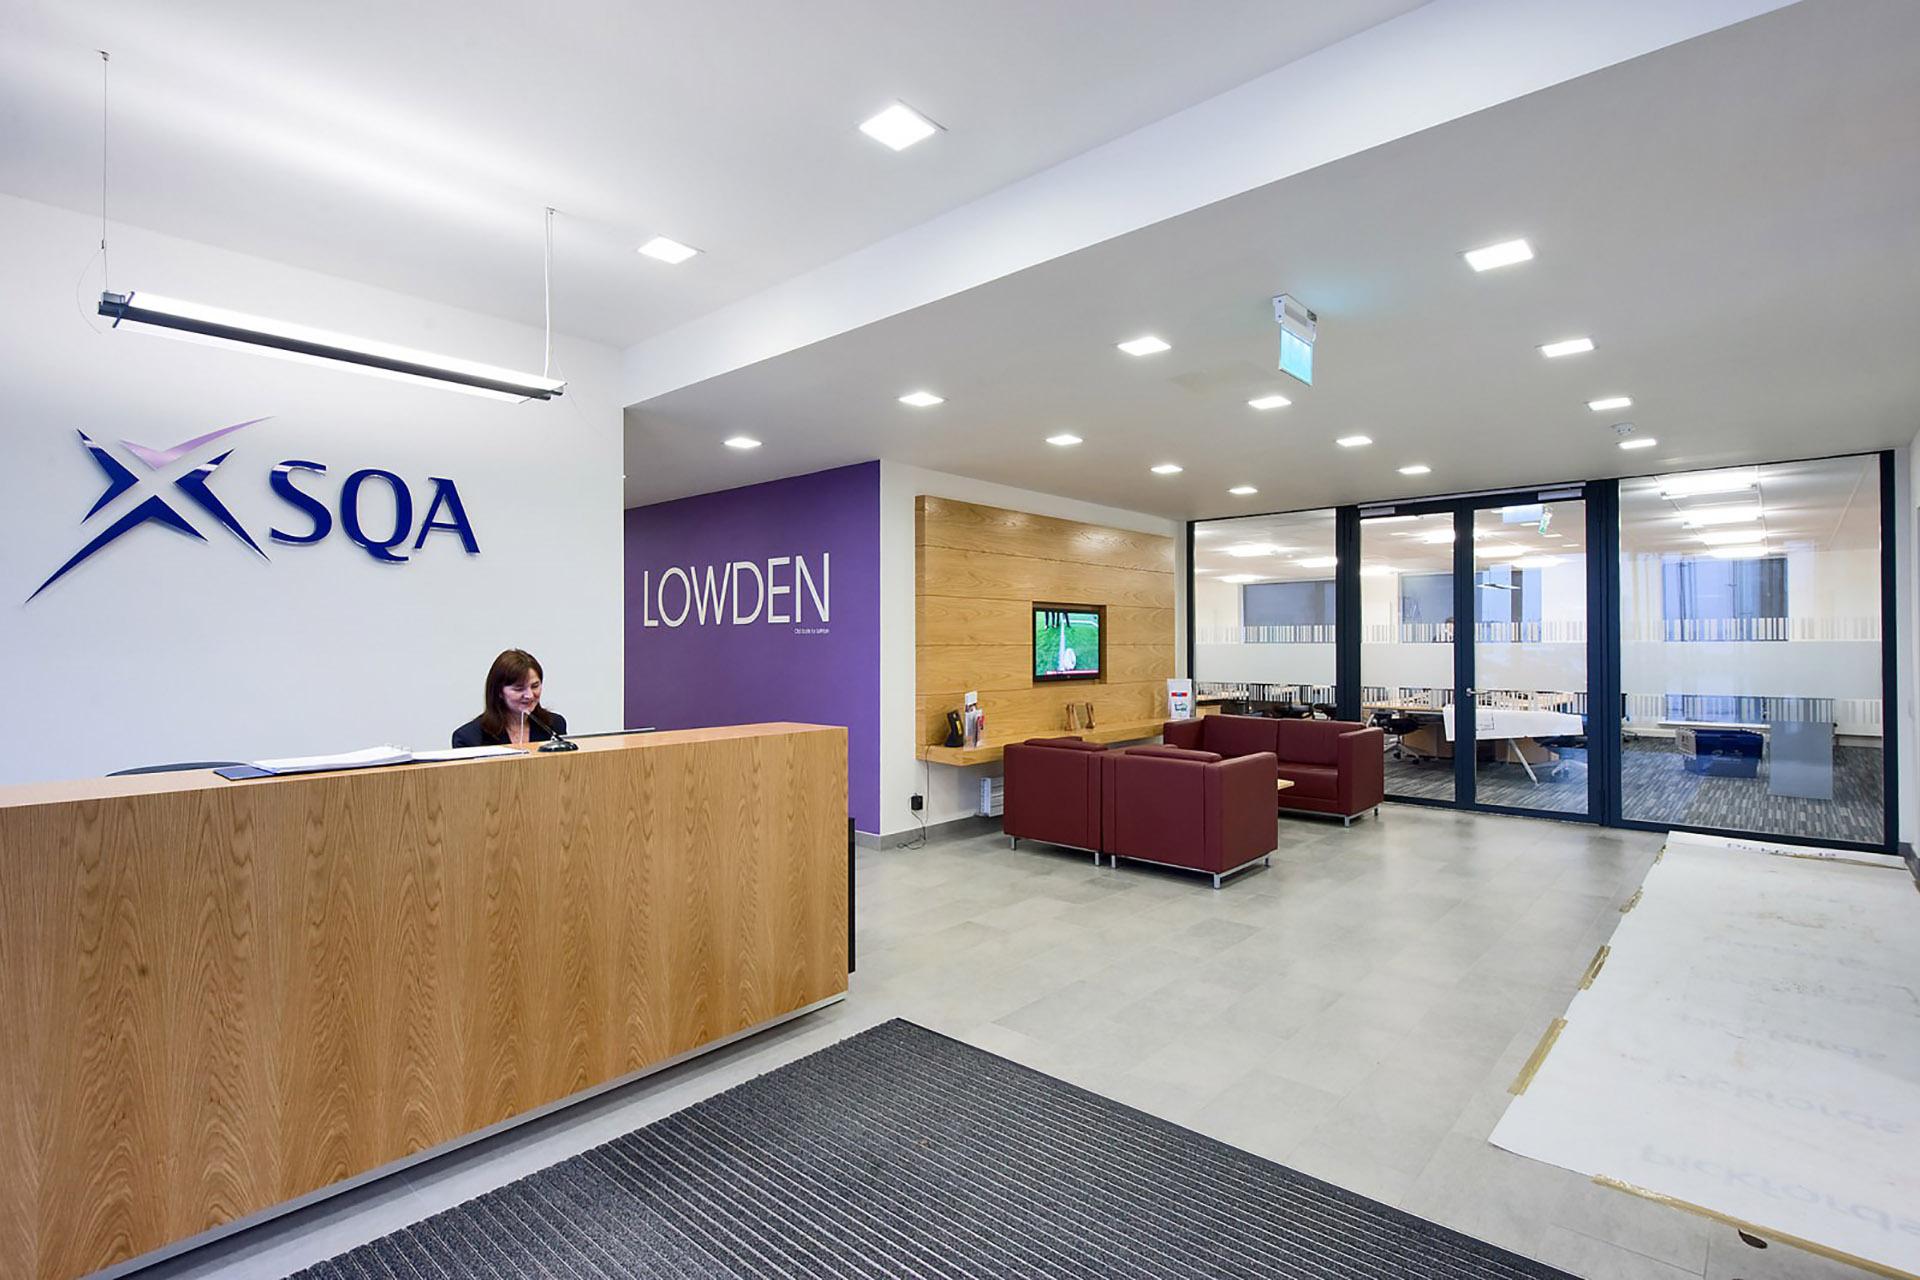 SQA Entrance